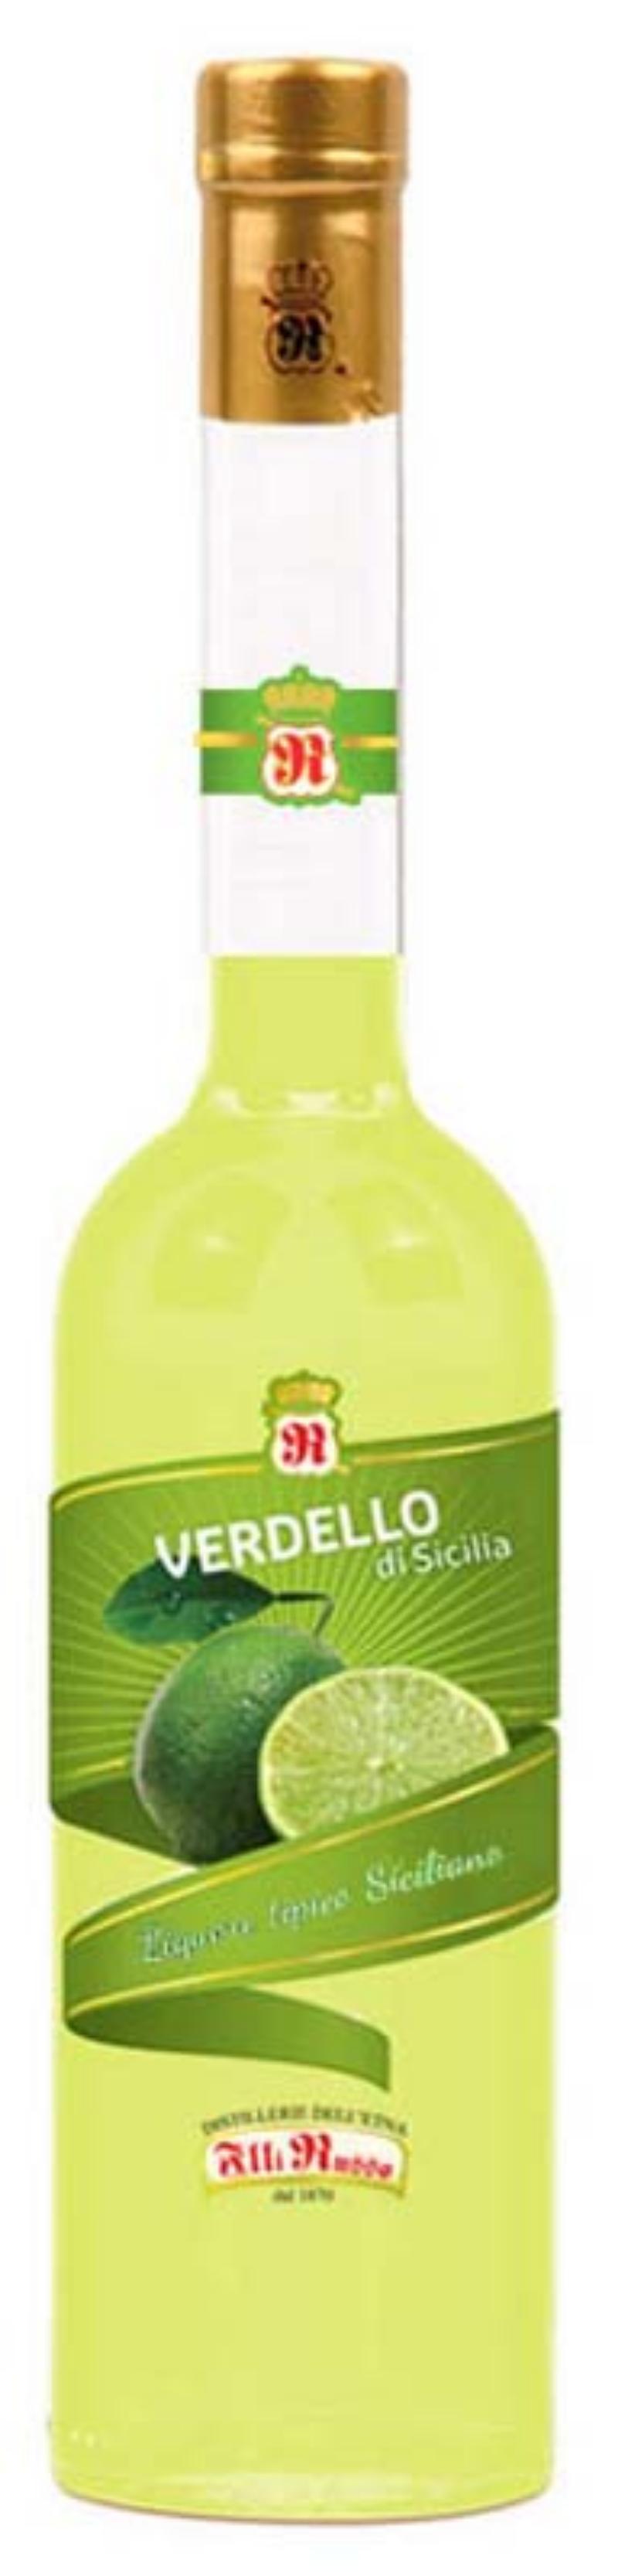 Sicilian-Verdello